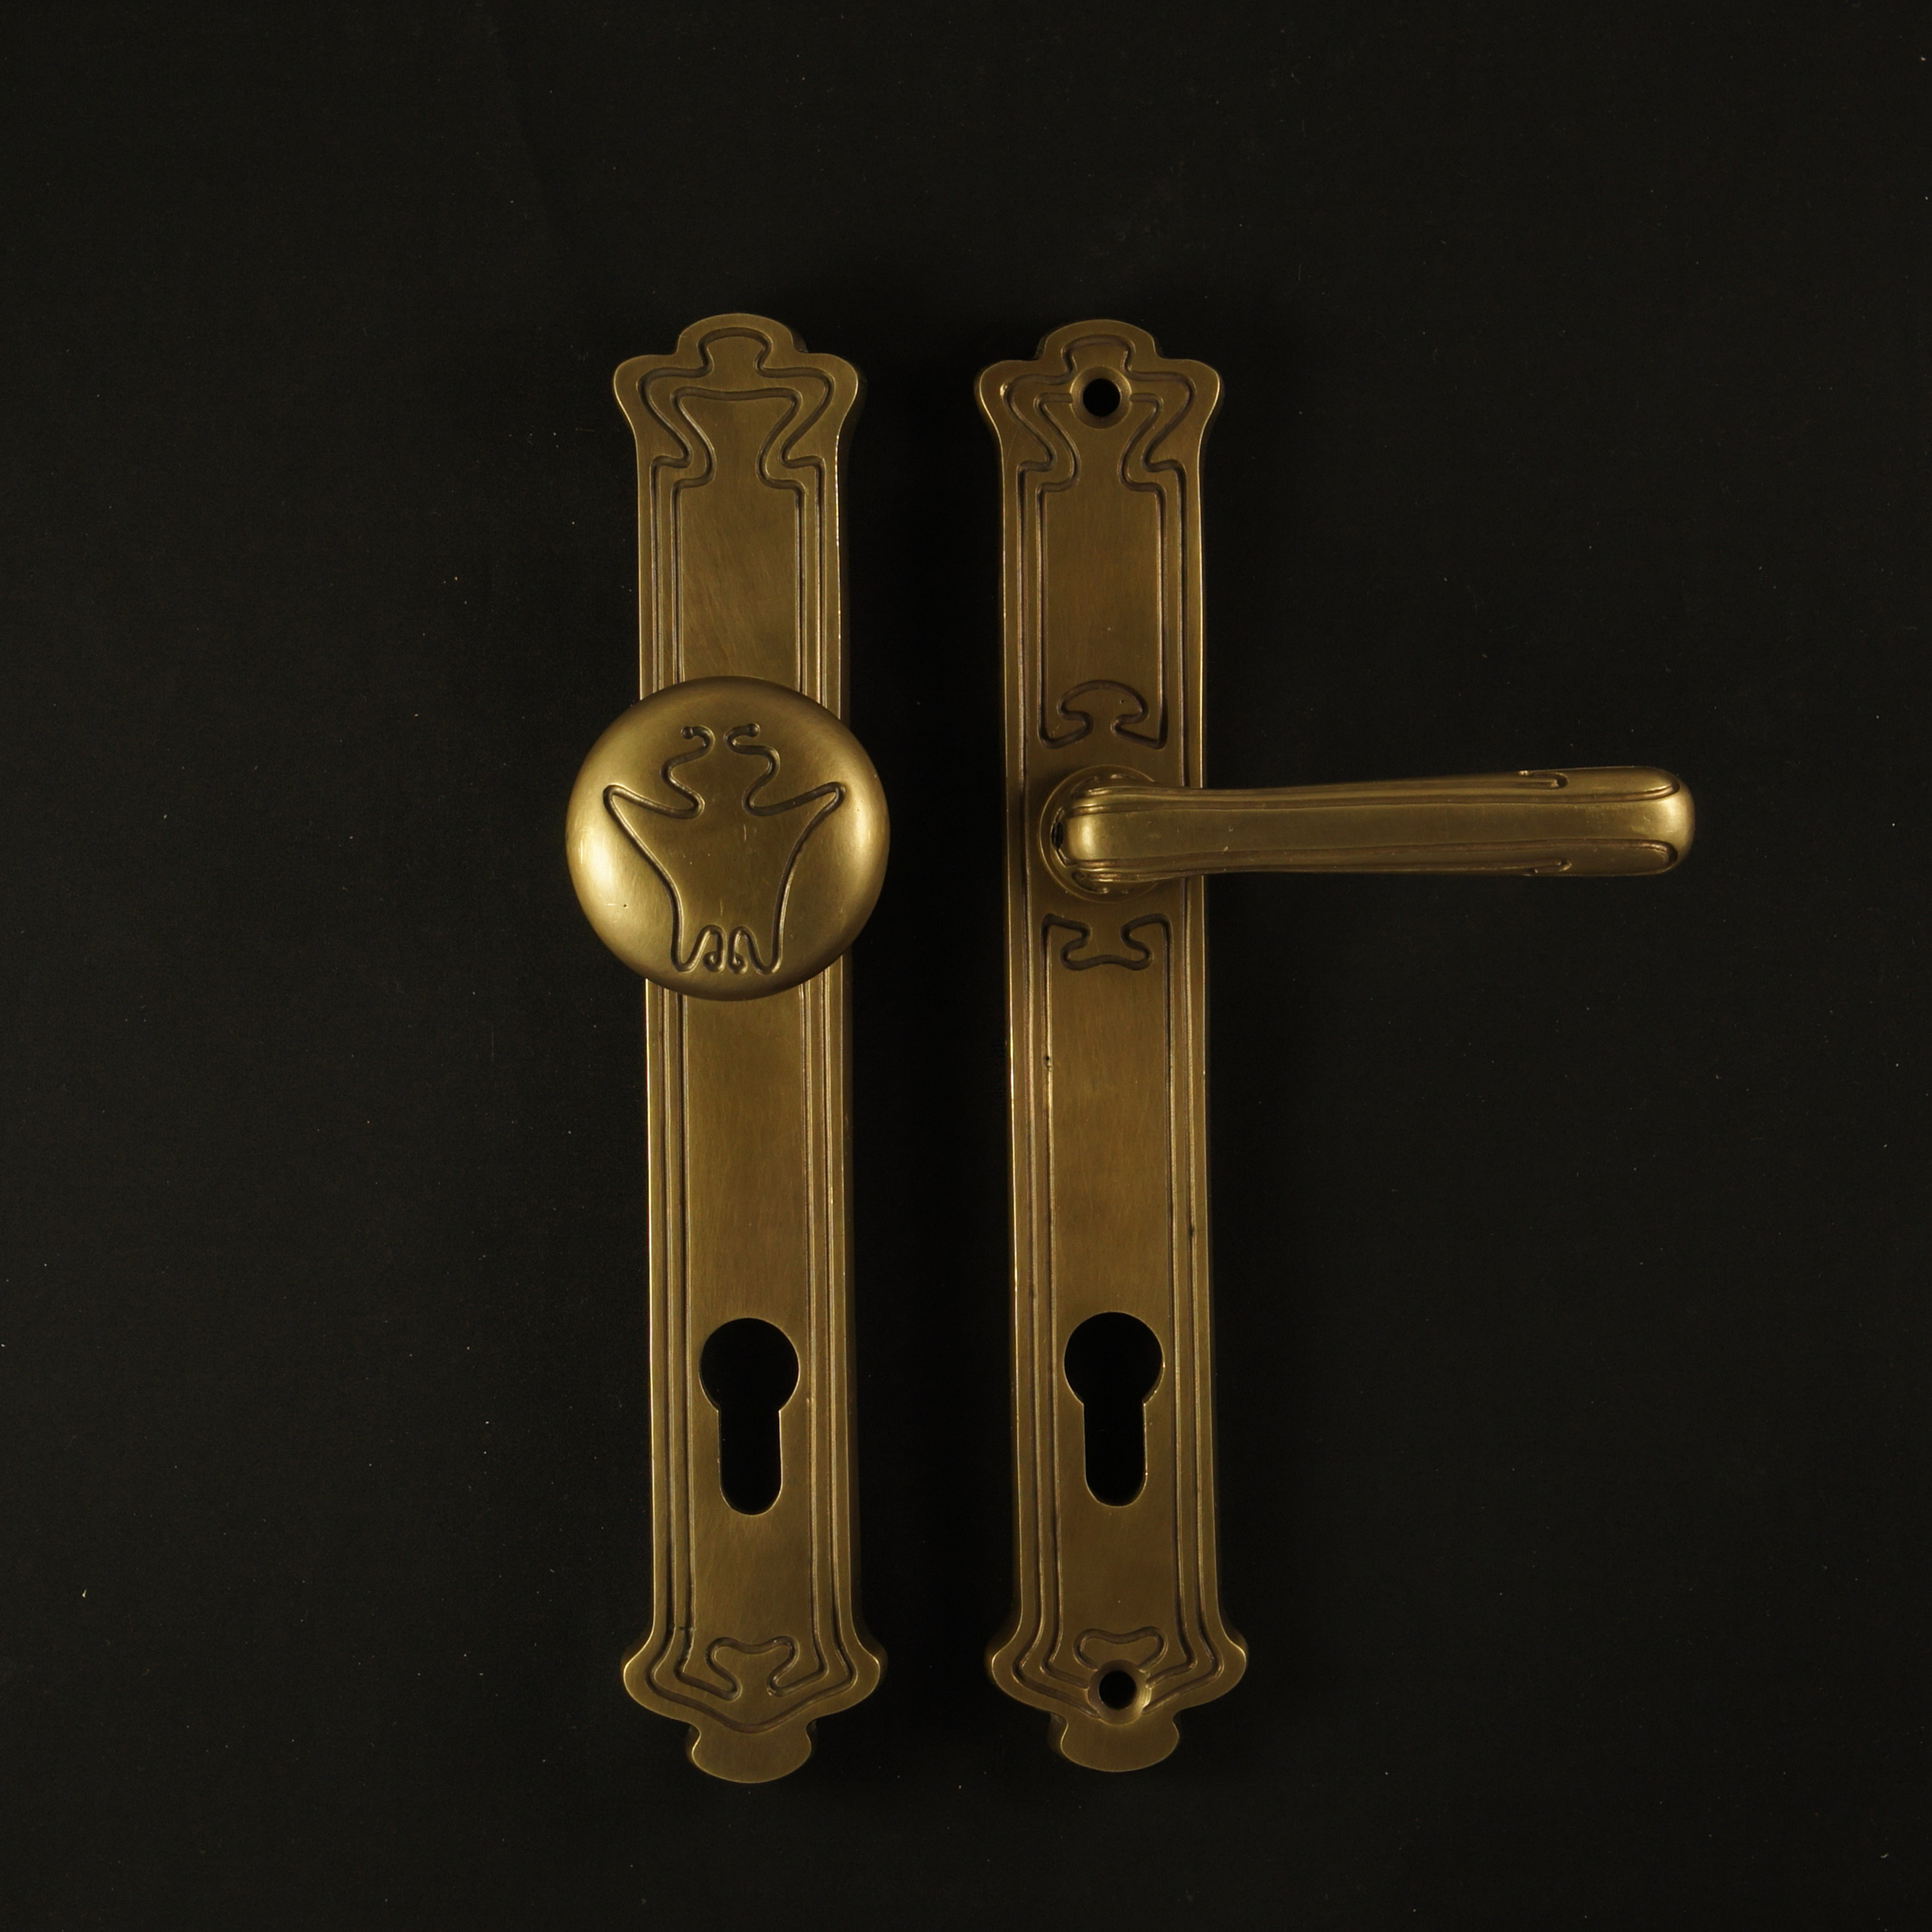 Haustür Langschildgarnitur im Jugendstil - antike Türdrücker, Türklinken, Türbeschläge